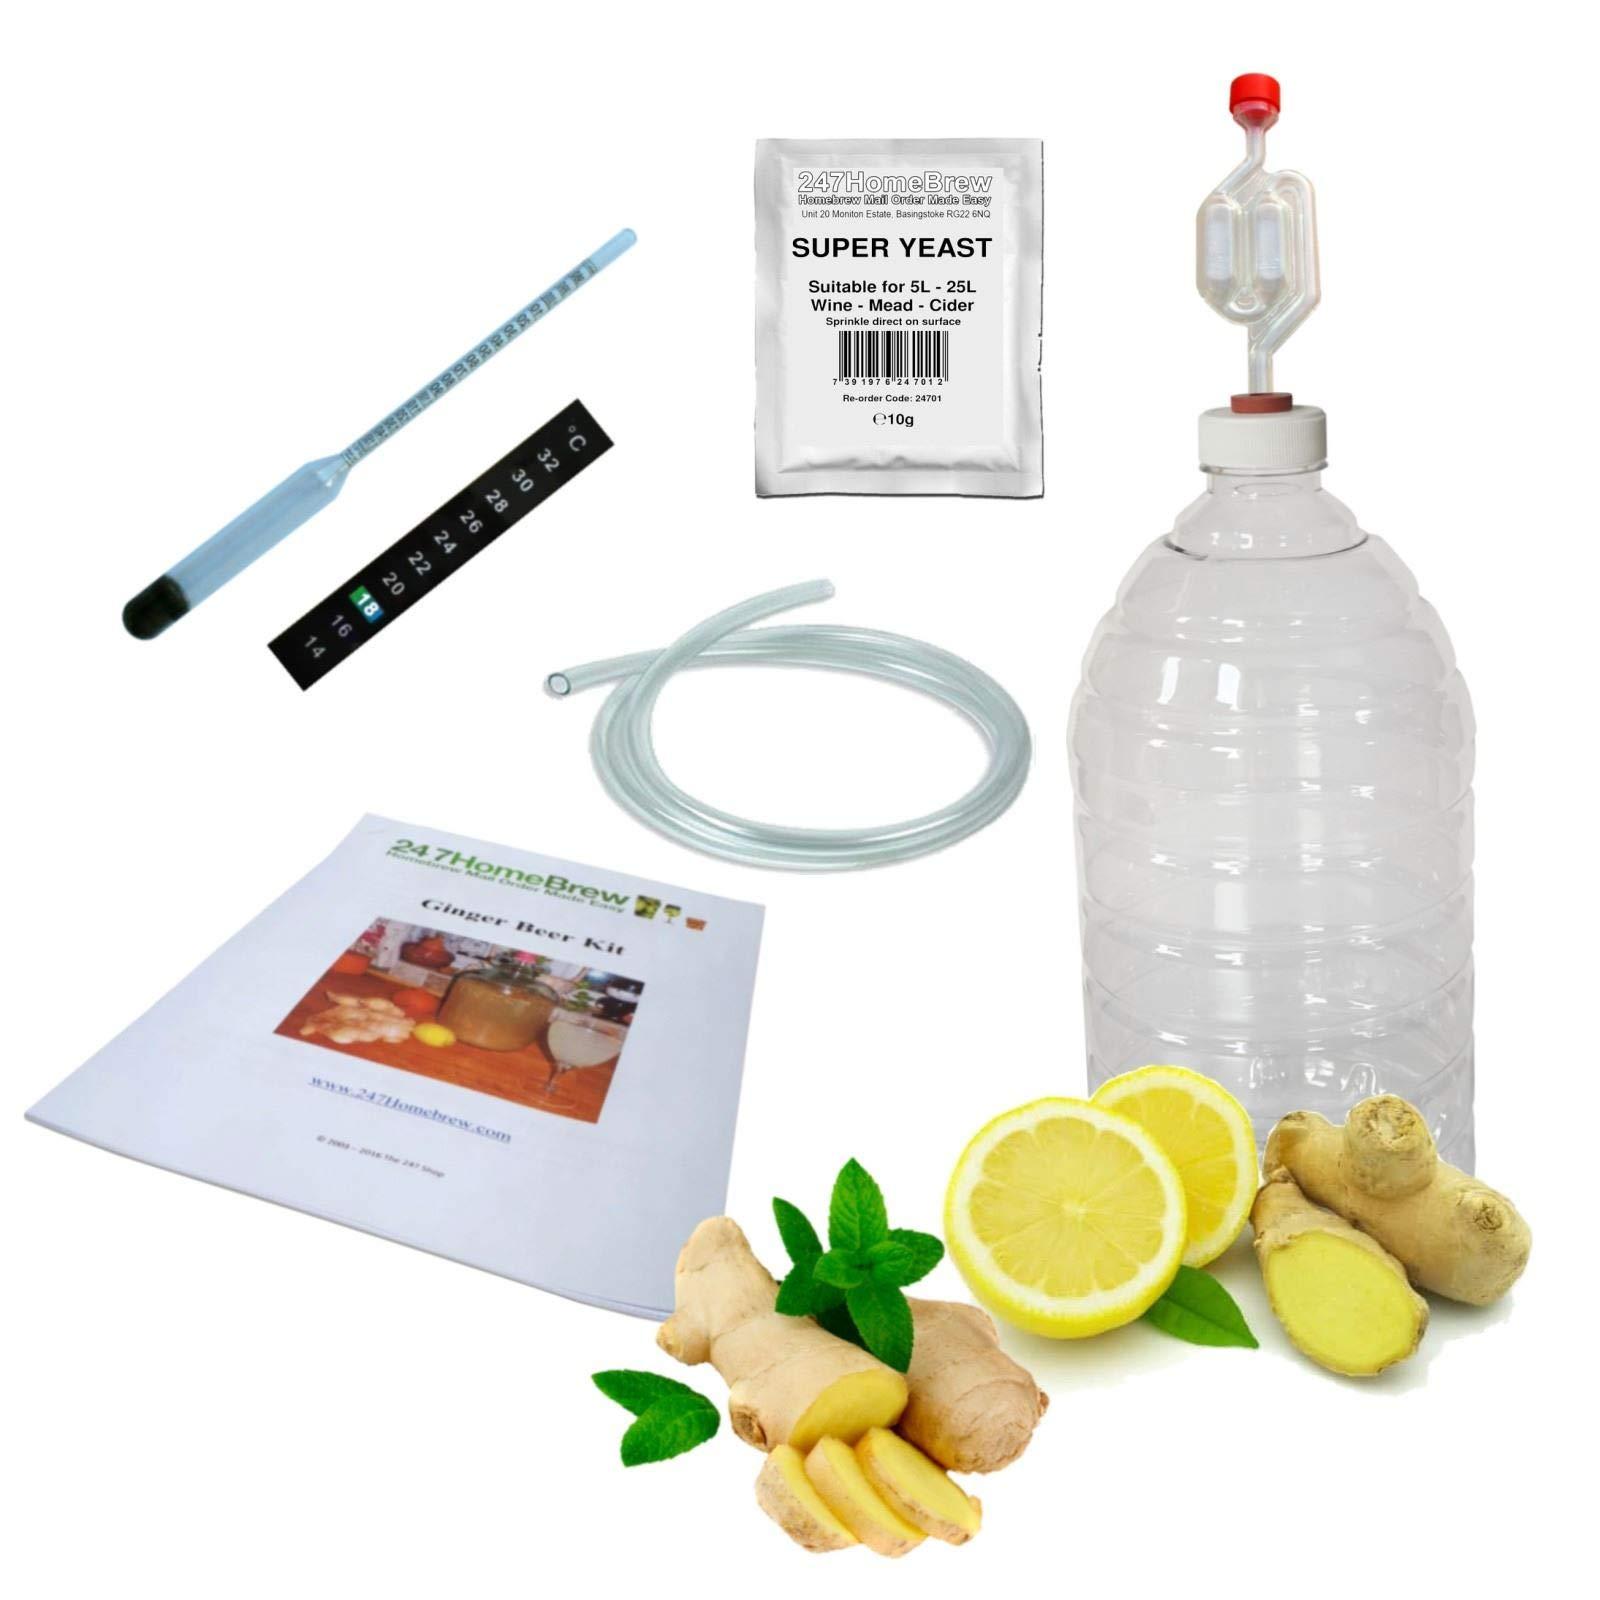 Ginger Beer Making Kit Full Starter 5L PET Demijohn Plus Mead & Cider